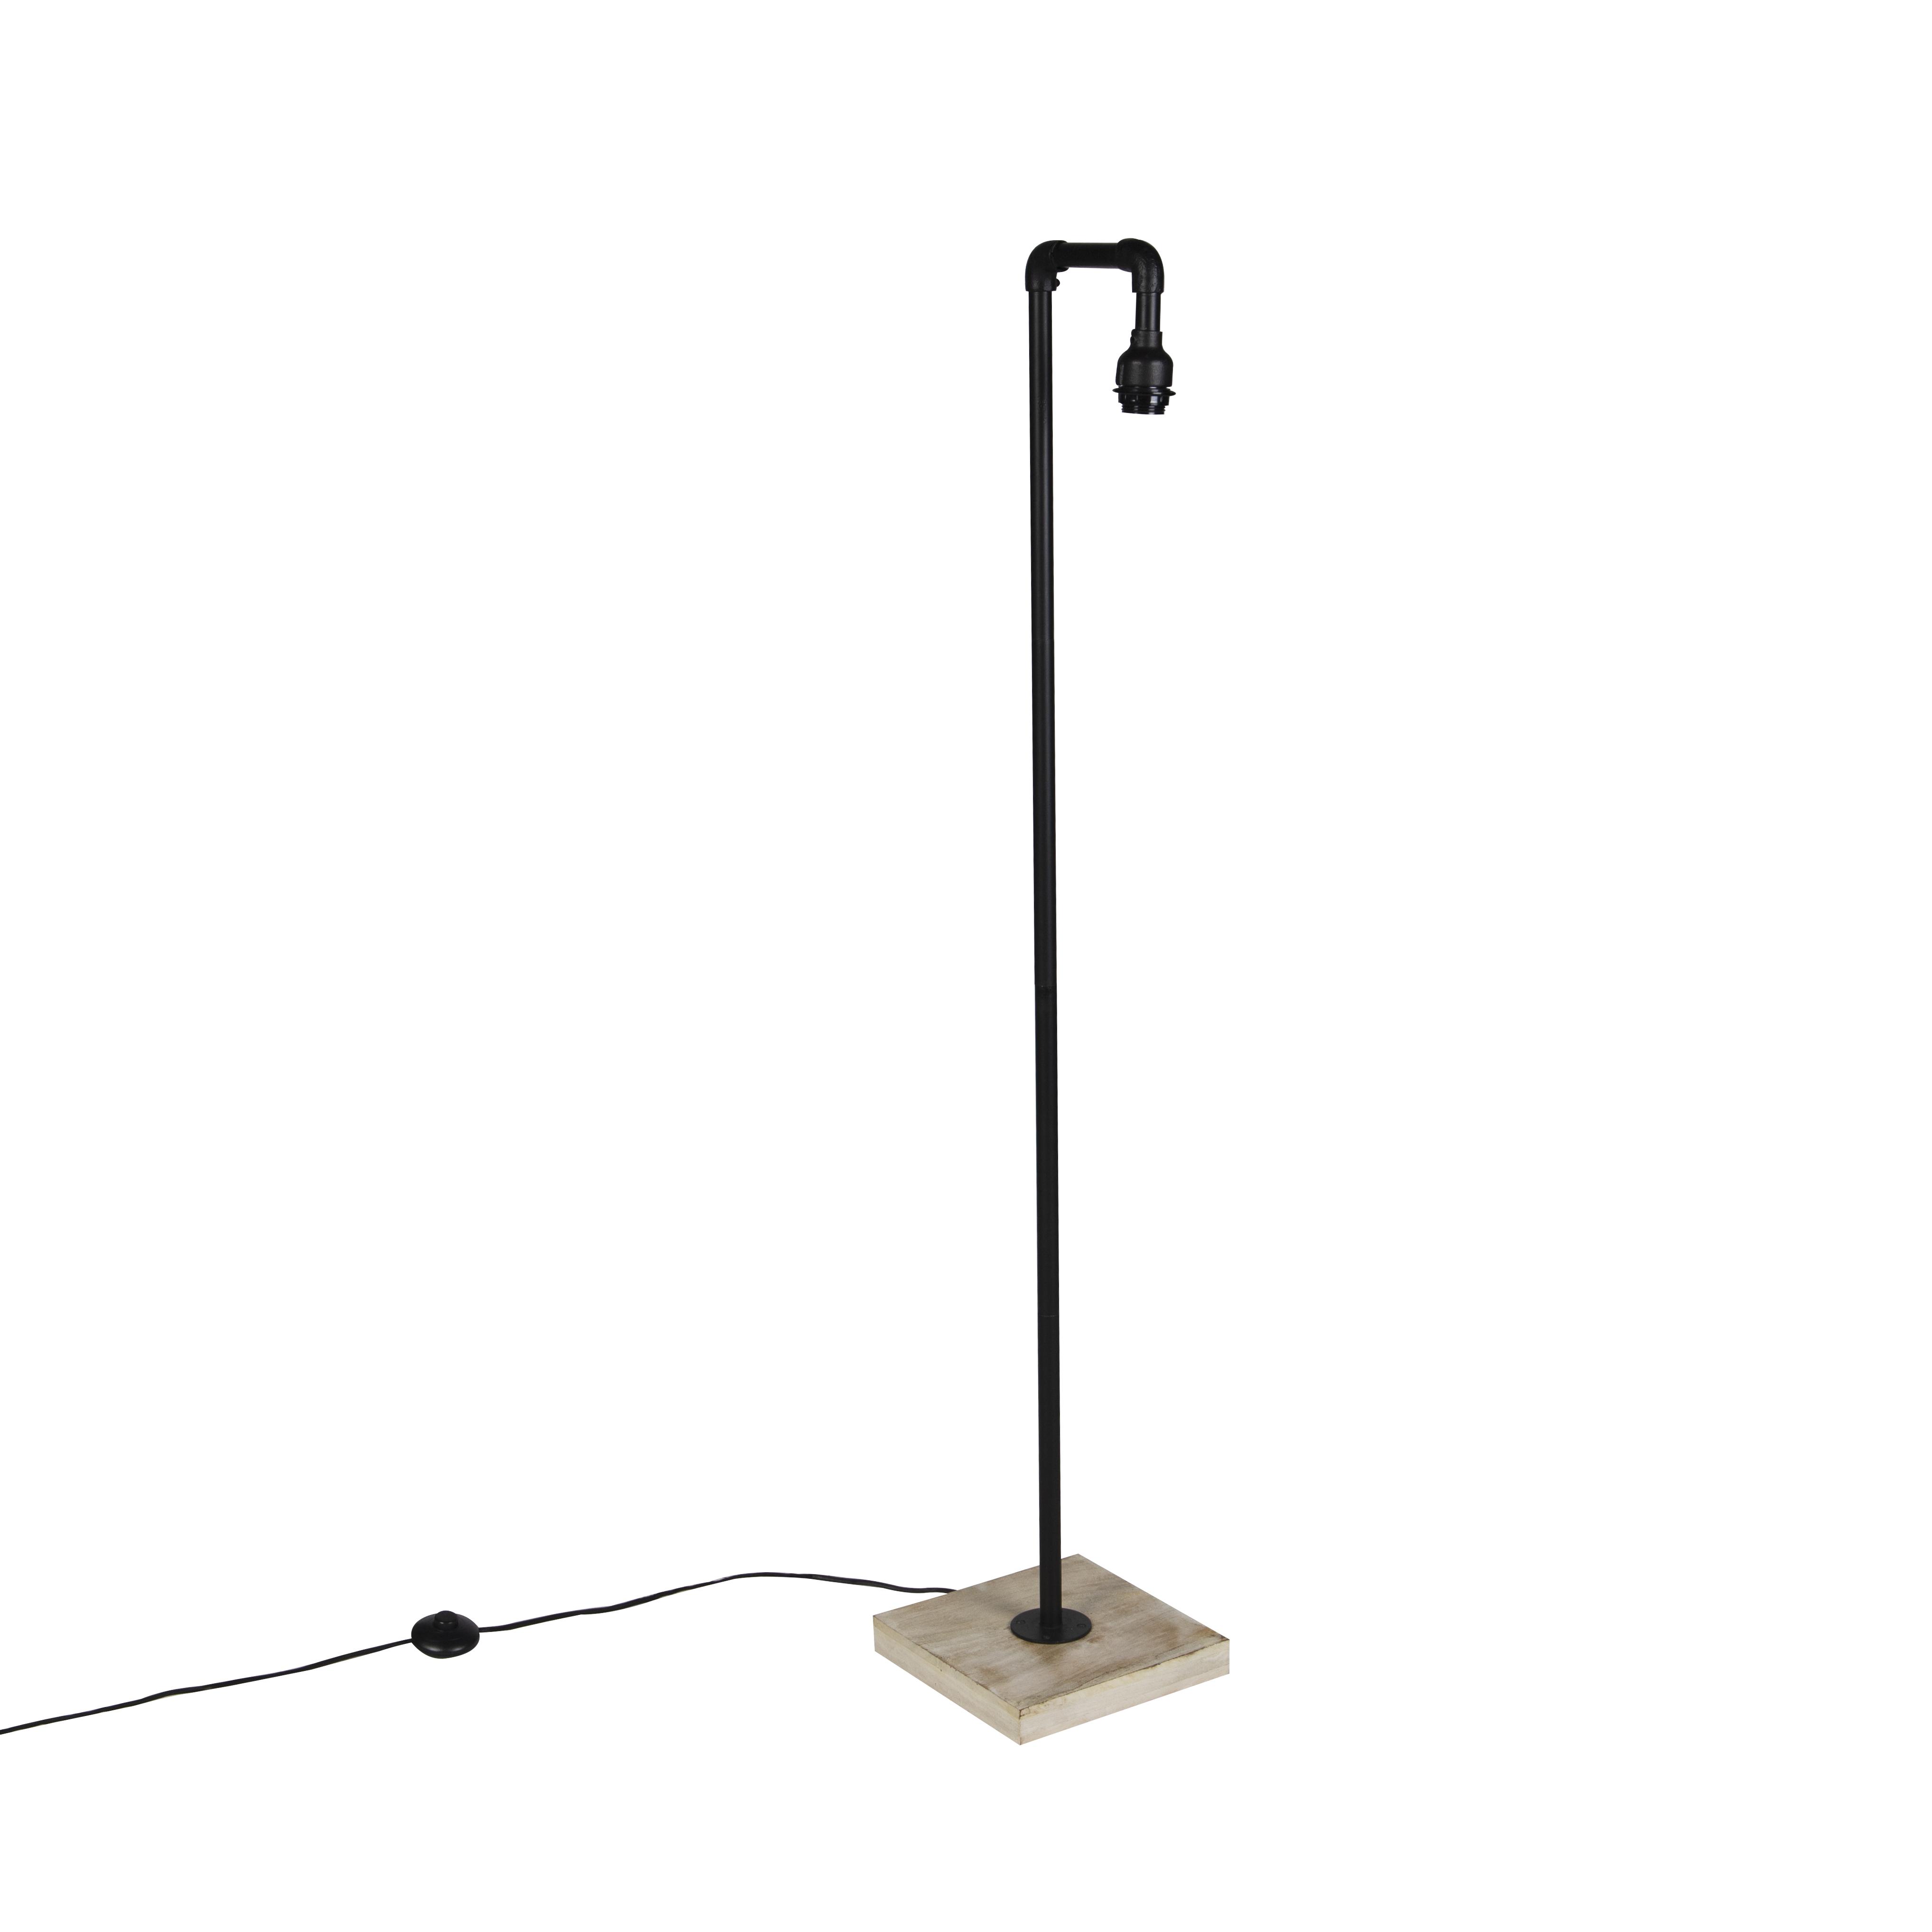 Industriele vloerlamp zwart met houten voet zonder kap - Tubs